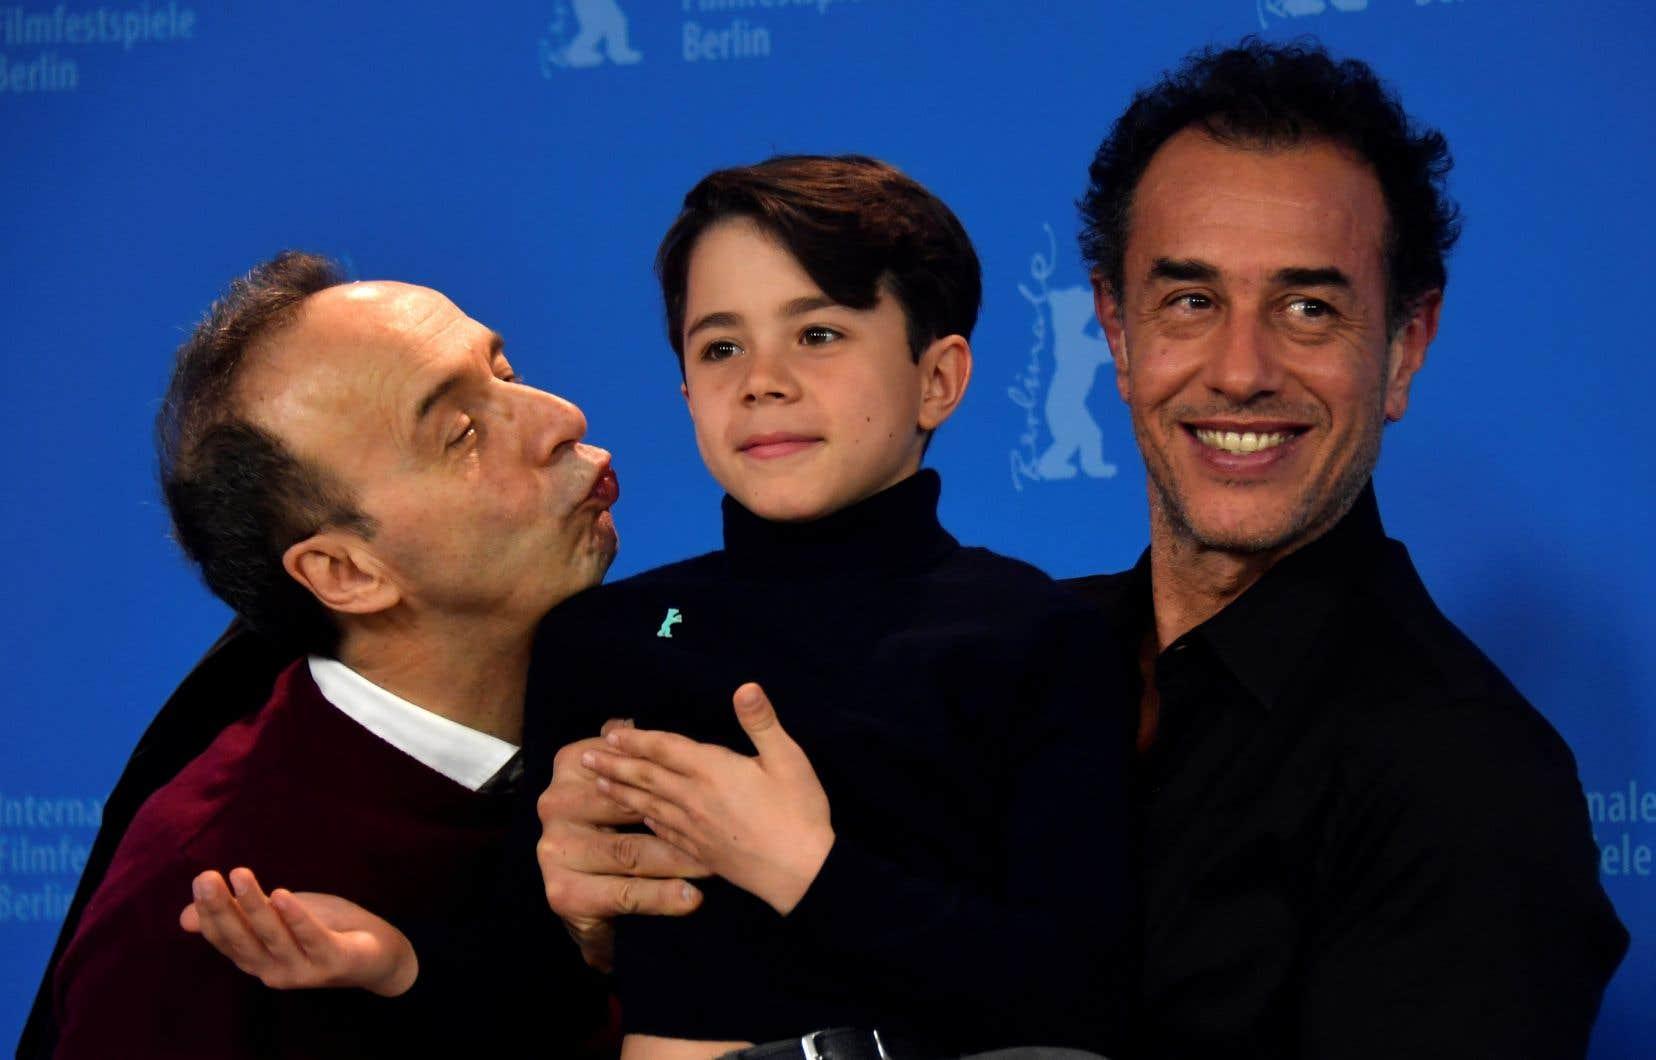 Roberto Benigni (à gauche) incarne Gepetto dans le nouveau film sur Pinocchio, présenté dimache à Berlin.